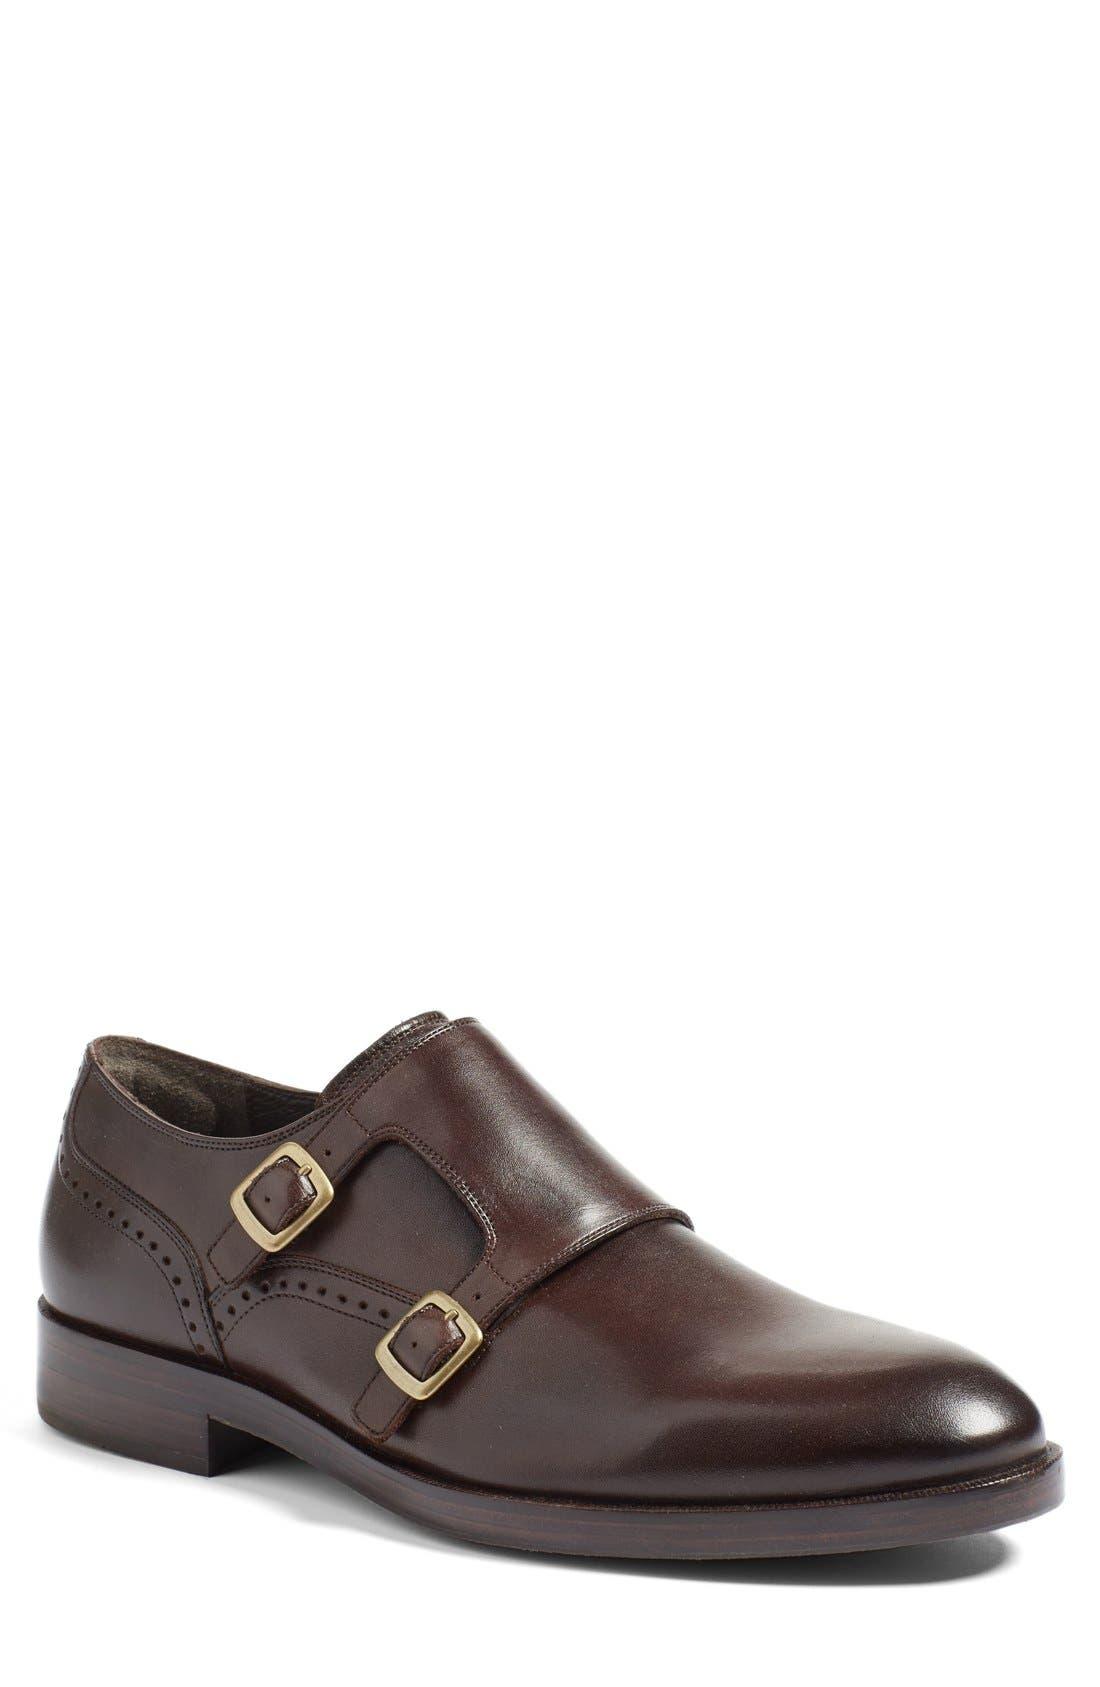 Main Image - Cole Haan 'Harrison' Double Monk Strap Shoe ...